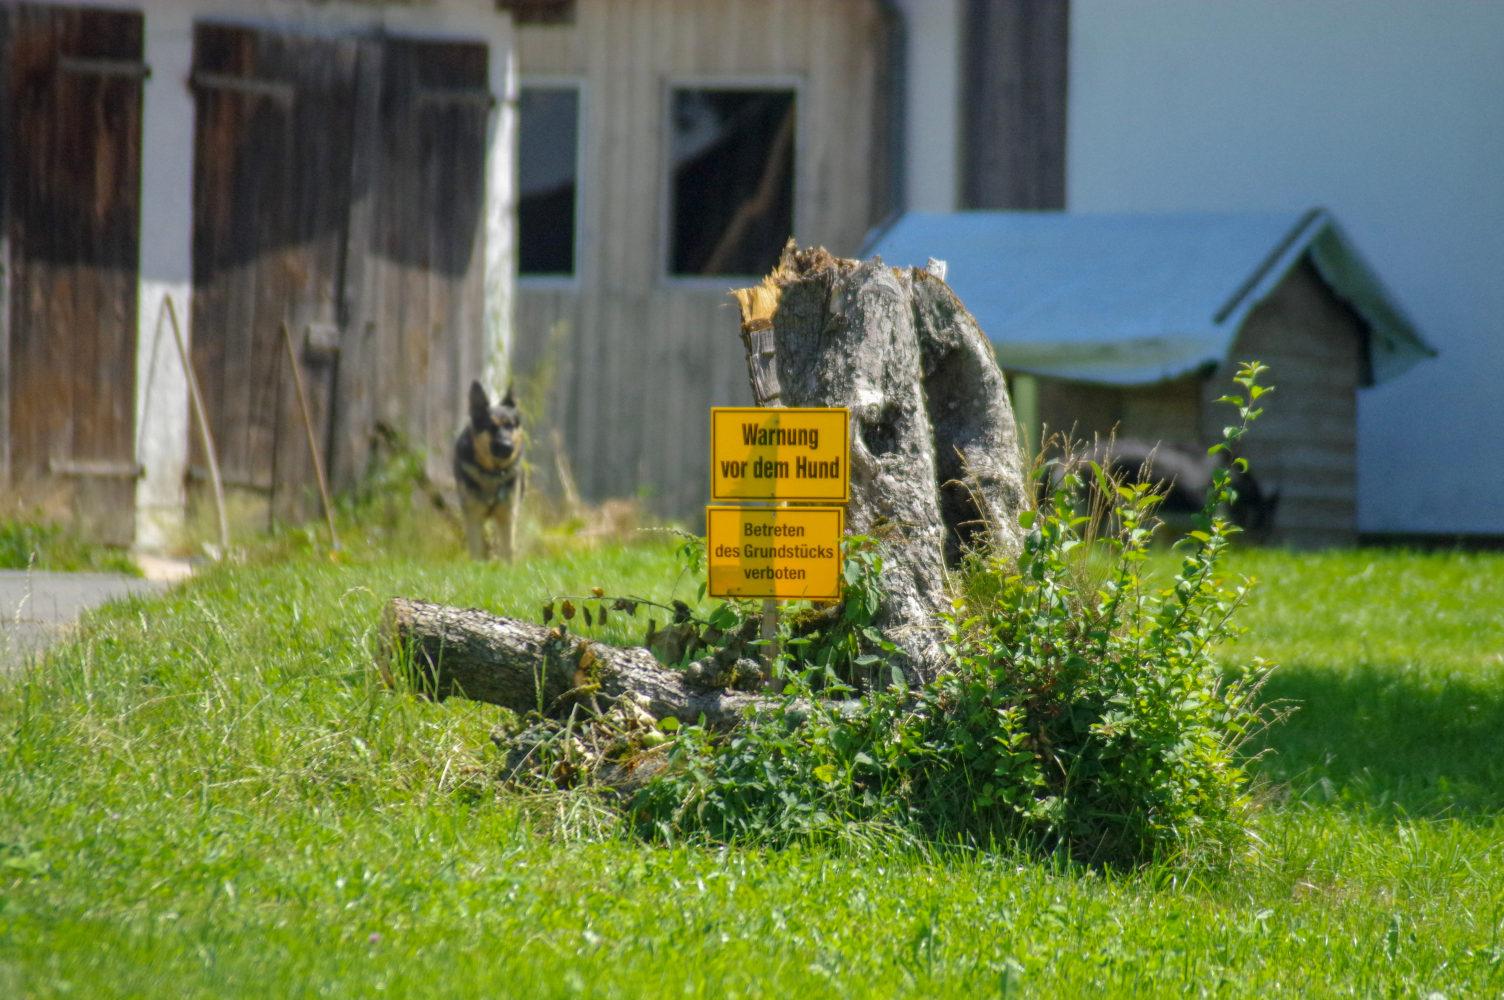 Rechtsextremismus: Hinter der saftig-grünen Fassade im Allgäu steckt ein tiefbrauner Sumpf. Auf diesem idyllischen Hof fand ein Neonazikonzert statt. © Norbert Kelpp